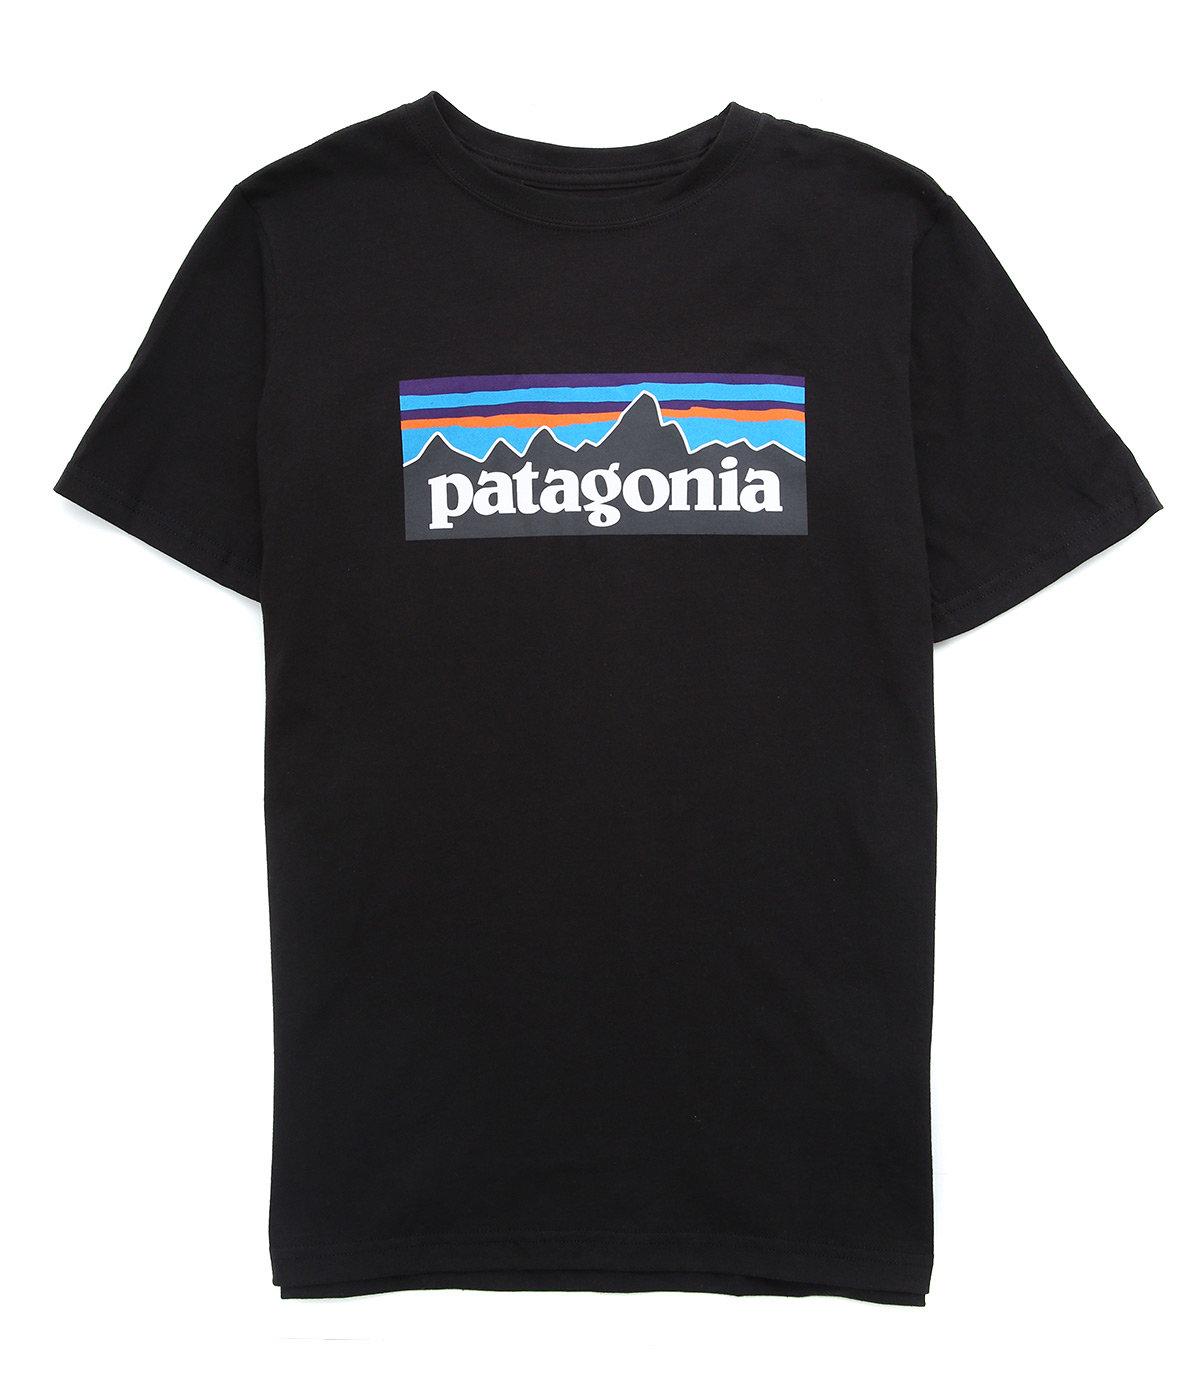 【レディース】ボーイズ P-6ロゴ オーガニック Tシャツ